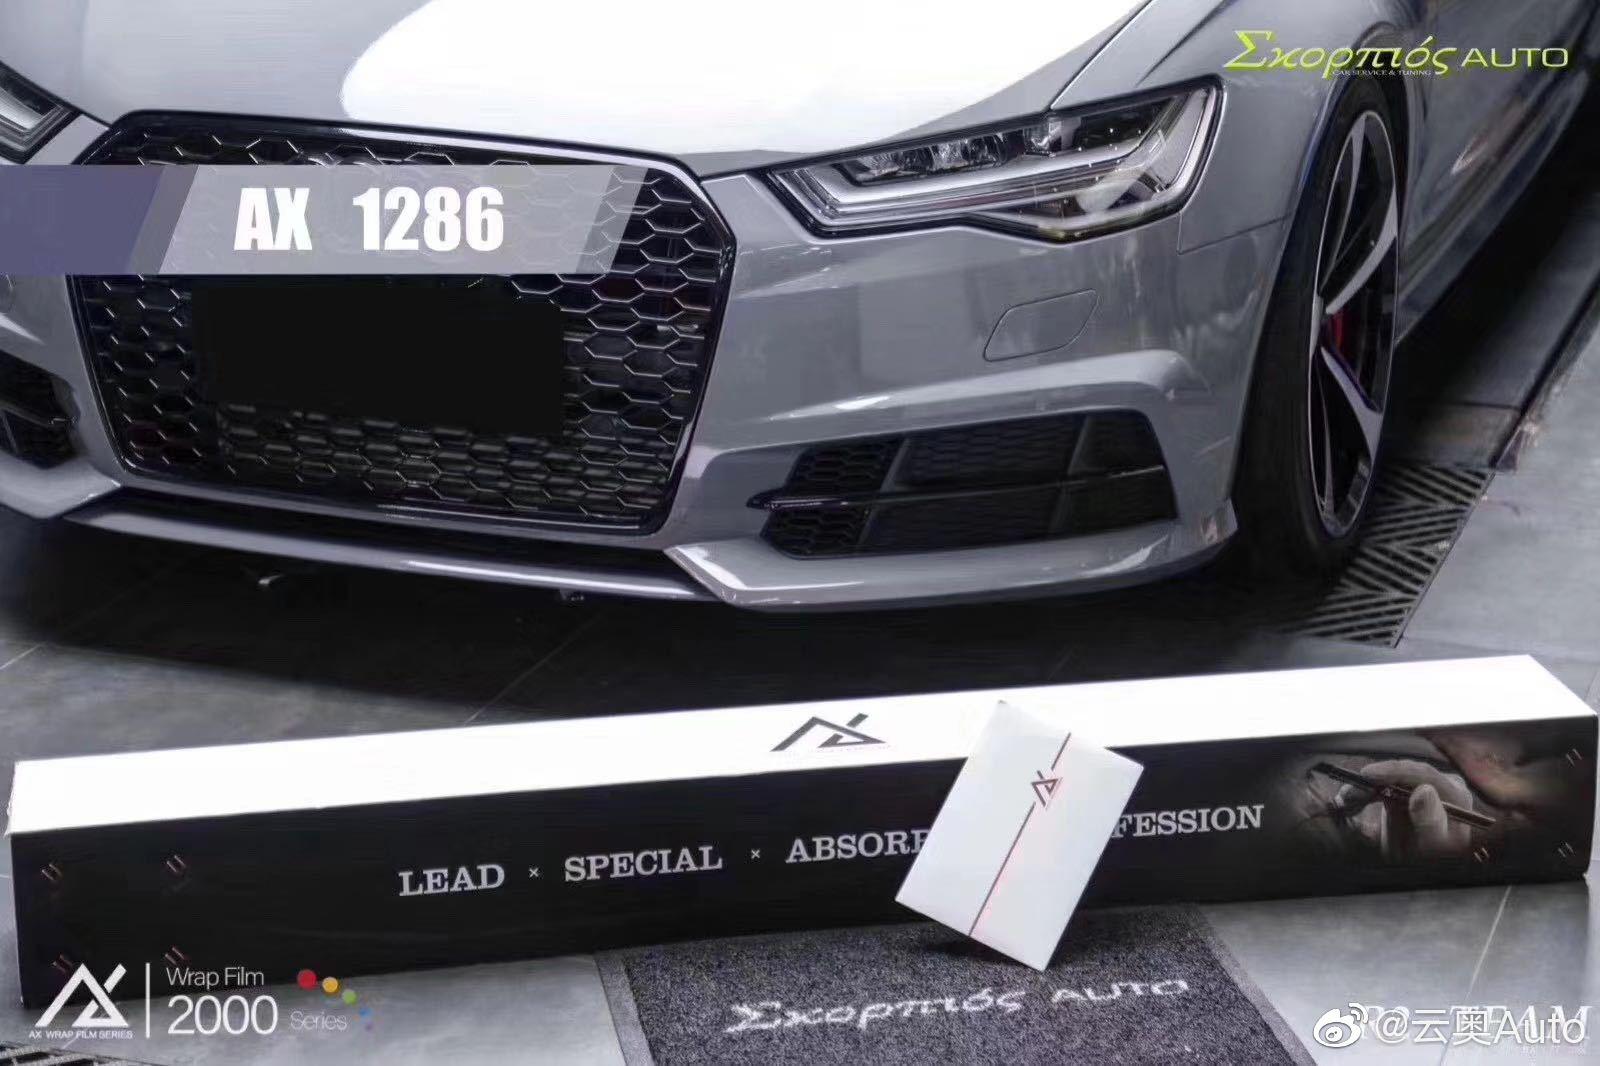 奥迪A6 升级AX 高亮纳多灰 AX铸就品质 每一个细节都严格把控